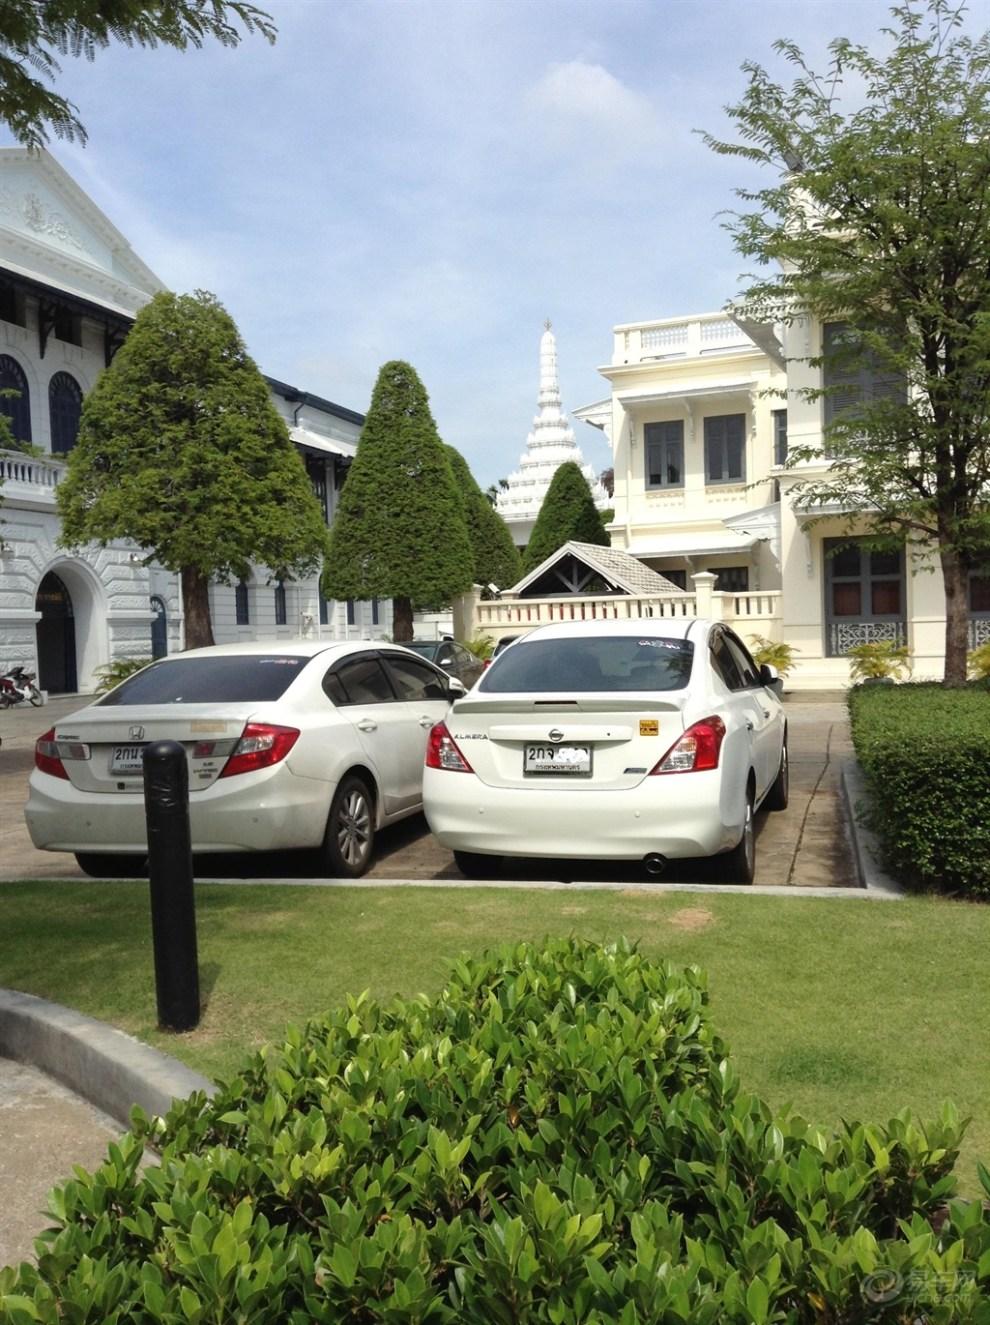 泰国一趟,发觉泰国白色的车居多,而且小型车卖得很好,日产高清图片